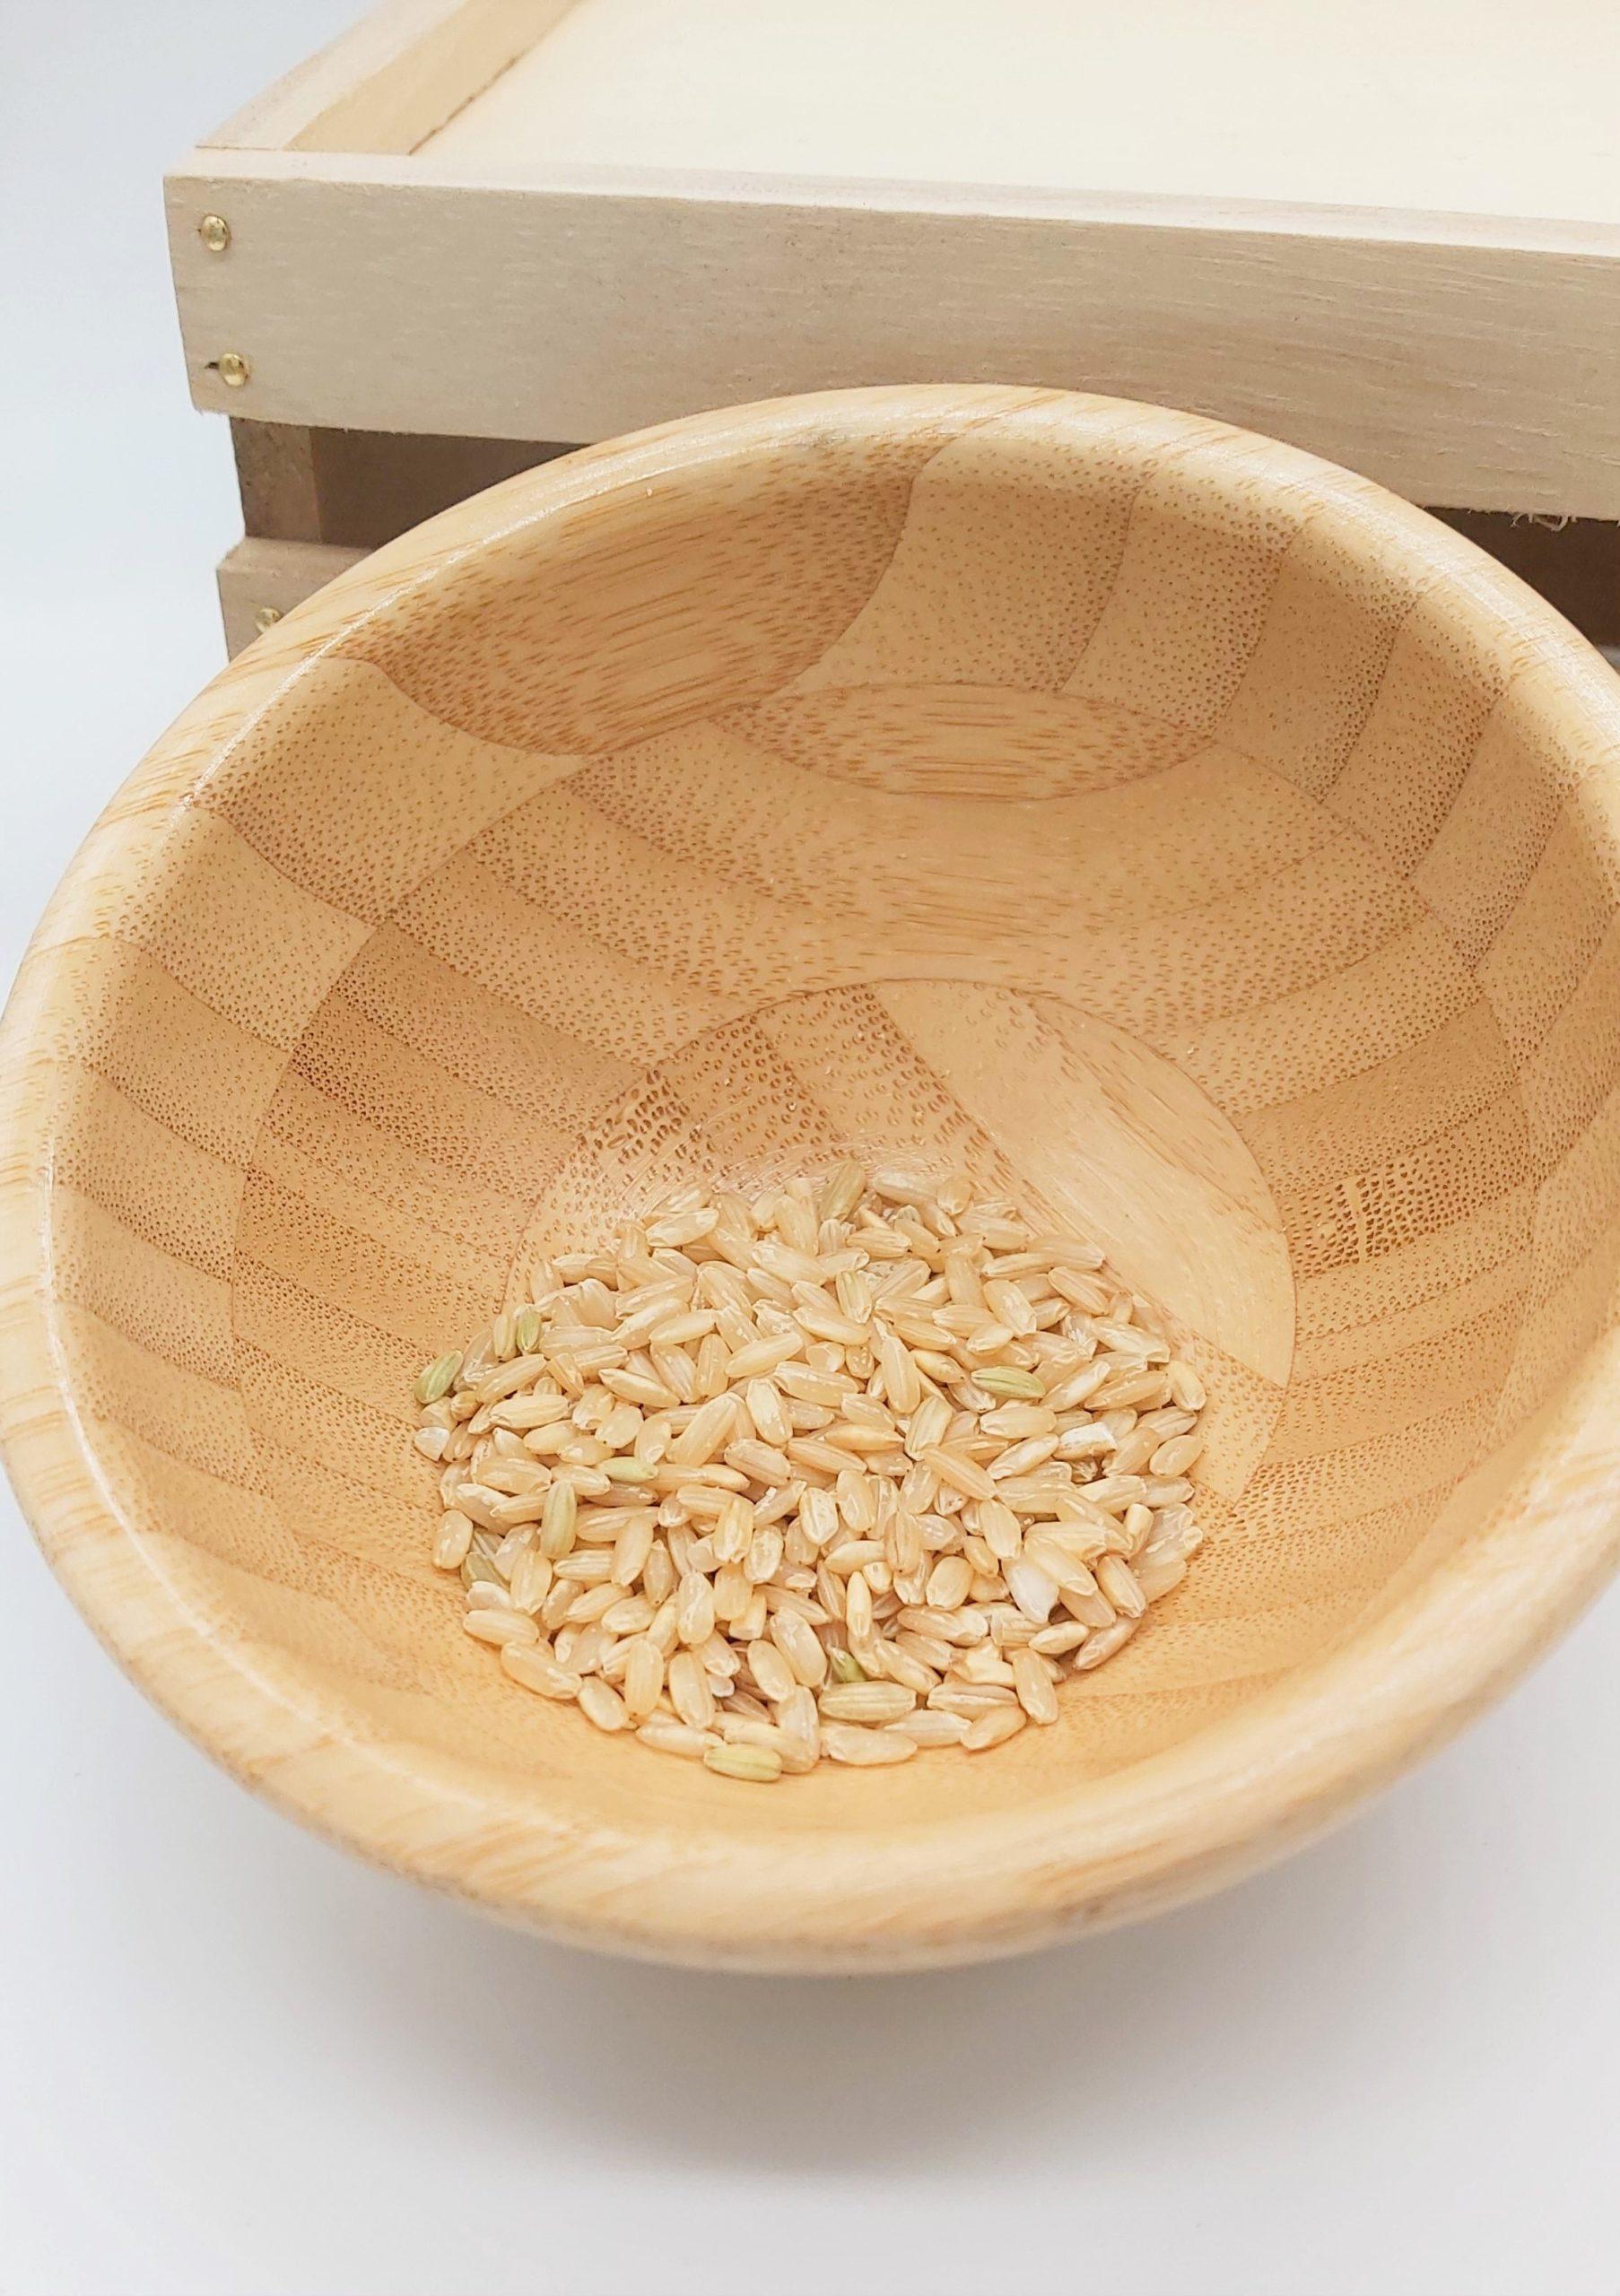 comprar arroz integral largo en Valencia